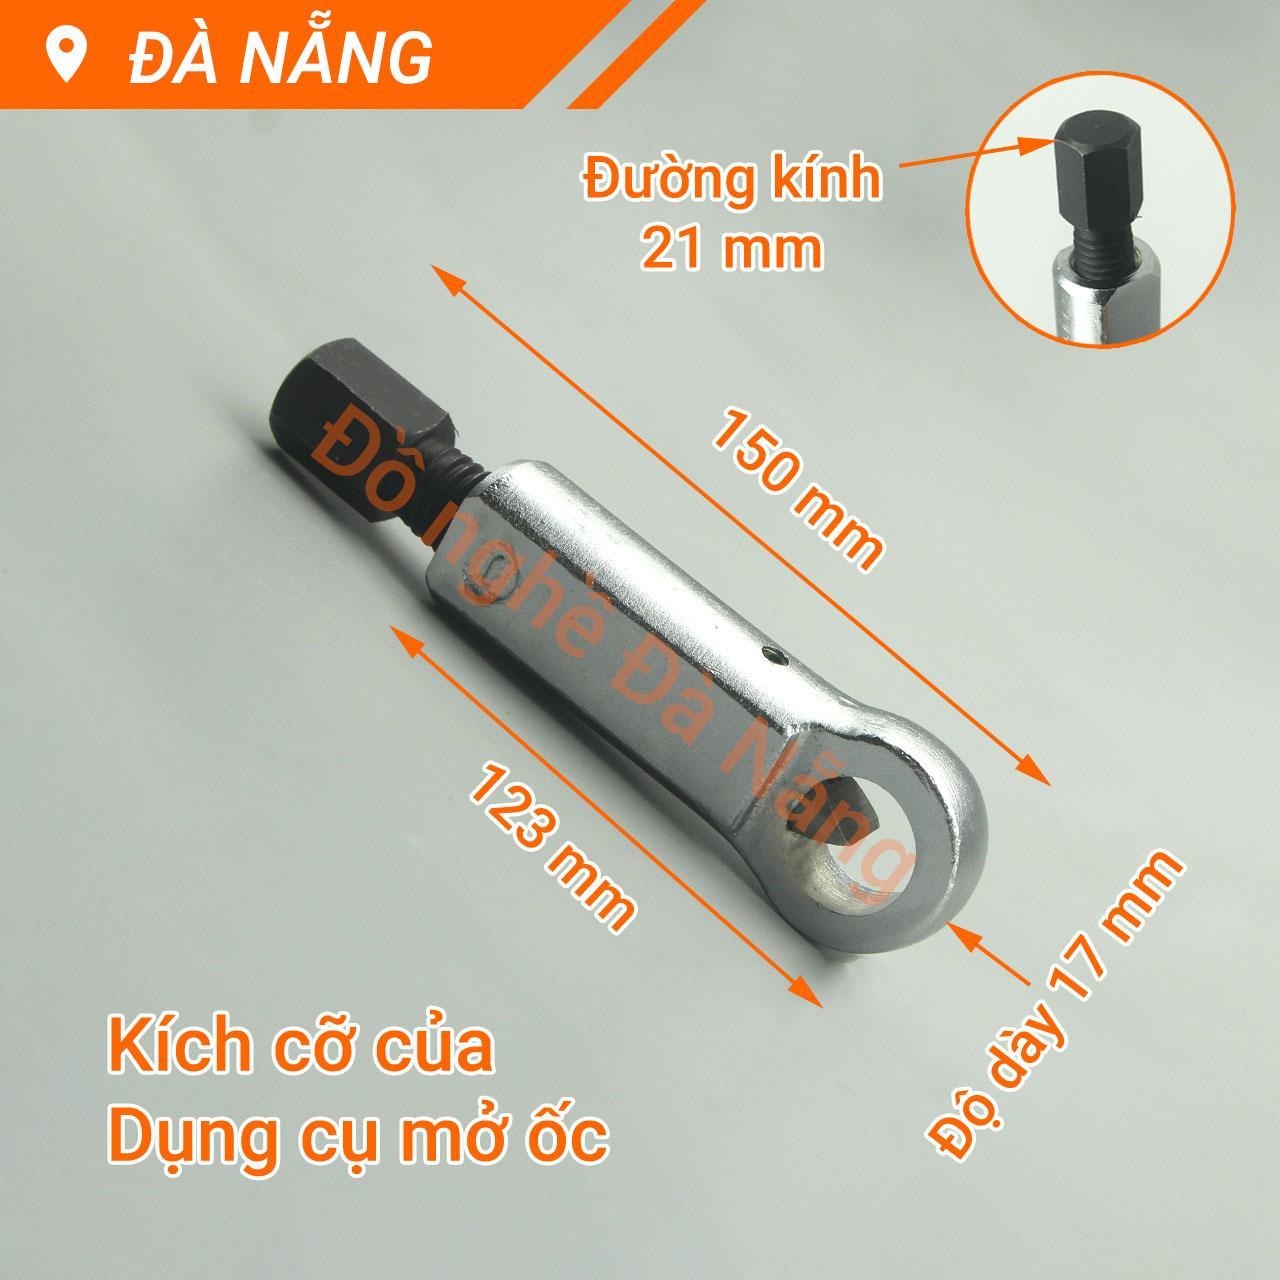 Dụng cụ mở ốc, vít gỉ sét các cỡ 9-27mm